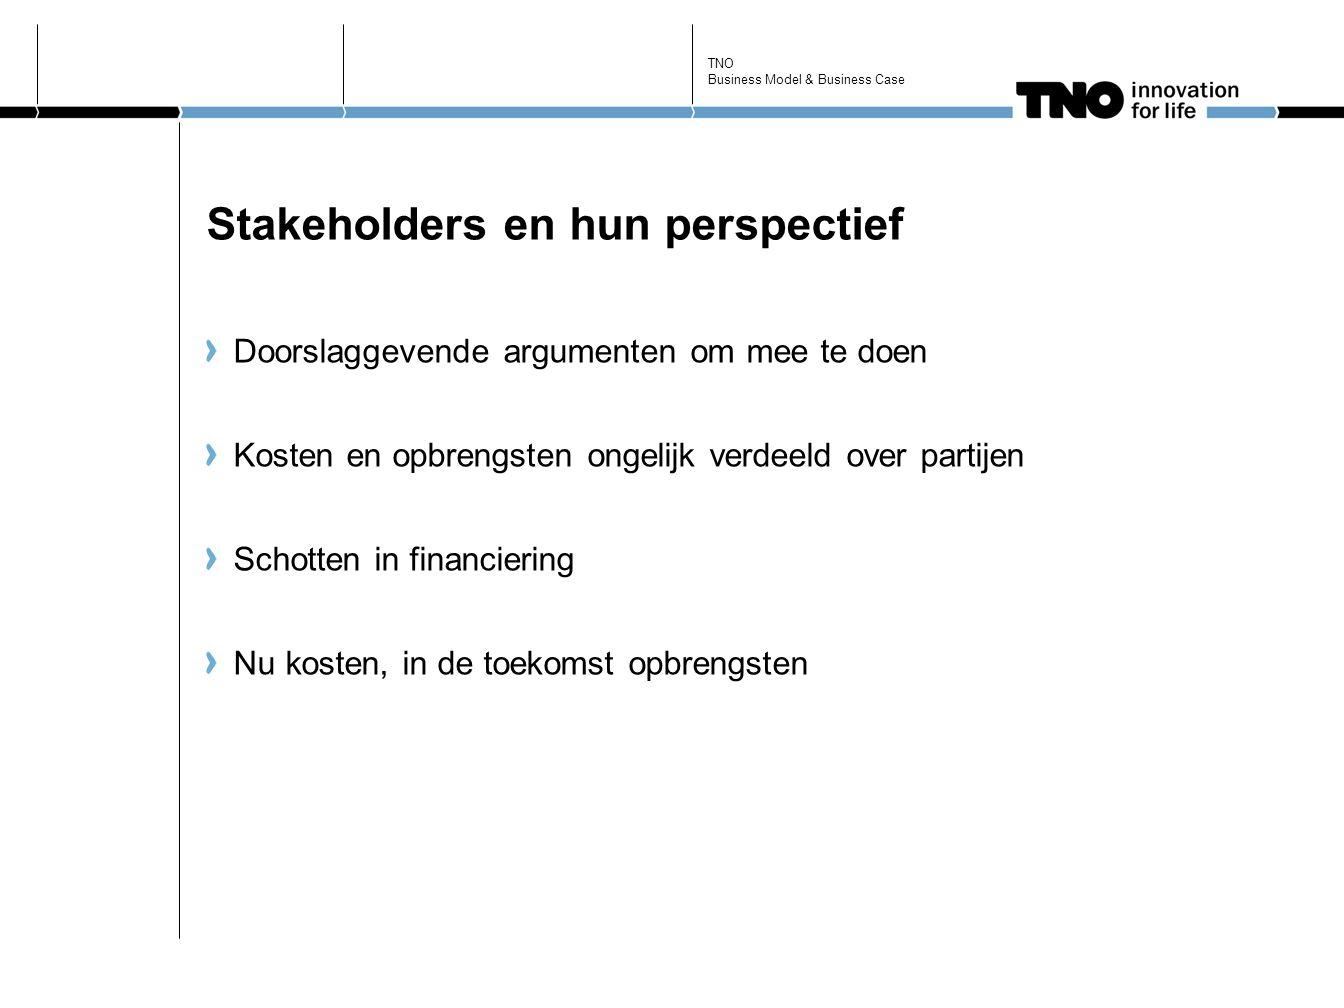 Stakeholders en hun perspectief Doorslaggevende argumenten om mee te doen Kosten en opbrengsten ongelijk verdeeld over partijen Schotten in financiering Nu kosten, in de toekomst opbrengsten TNO Business Model & Business Case